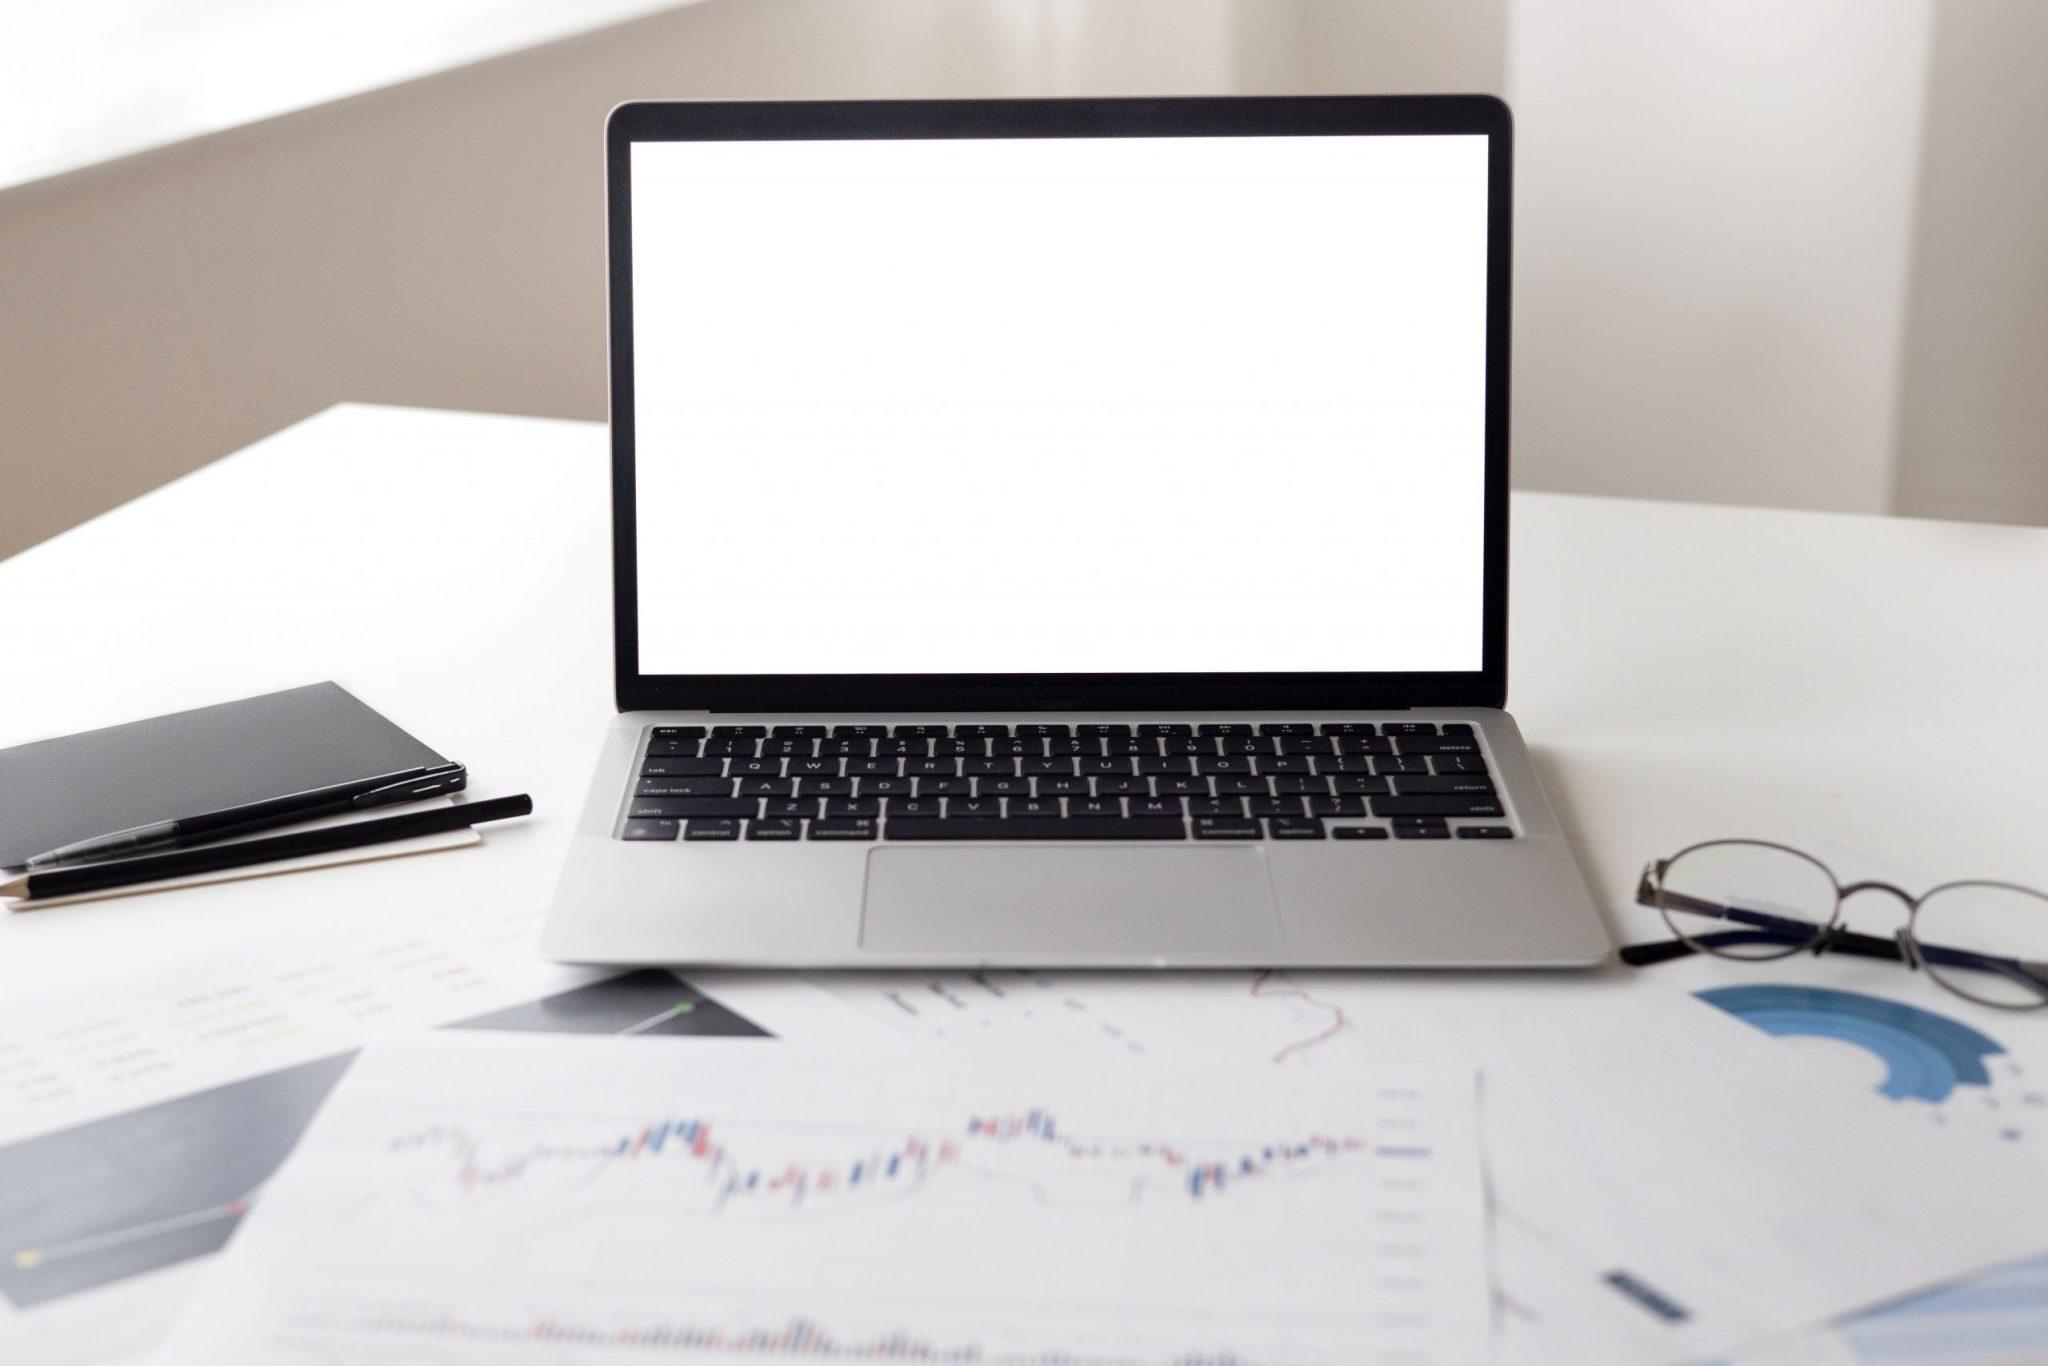 Com arquivos OFX é possível fazer a conciliação bancária em softwares ERP.